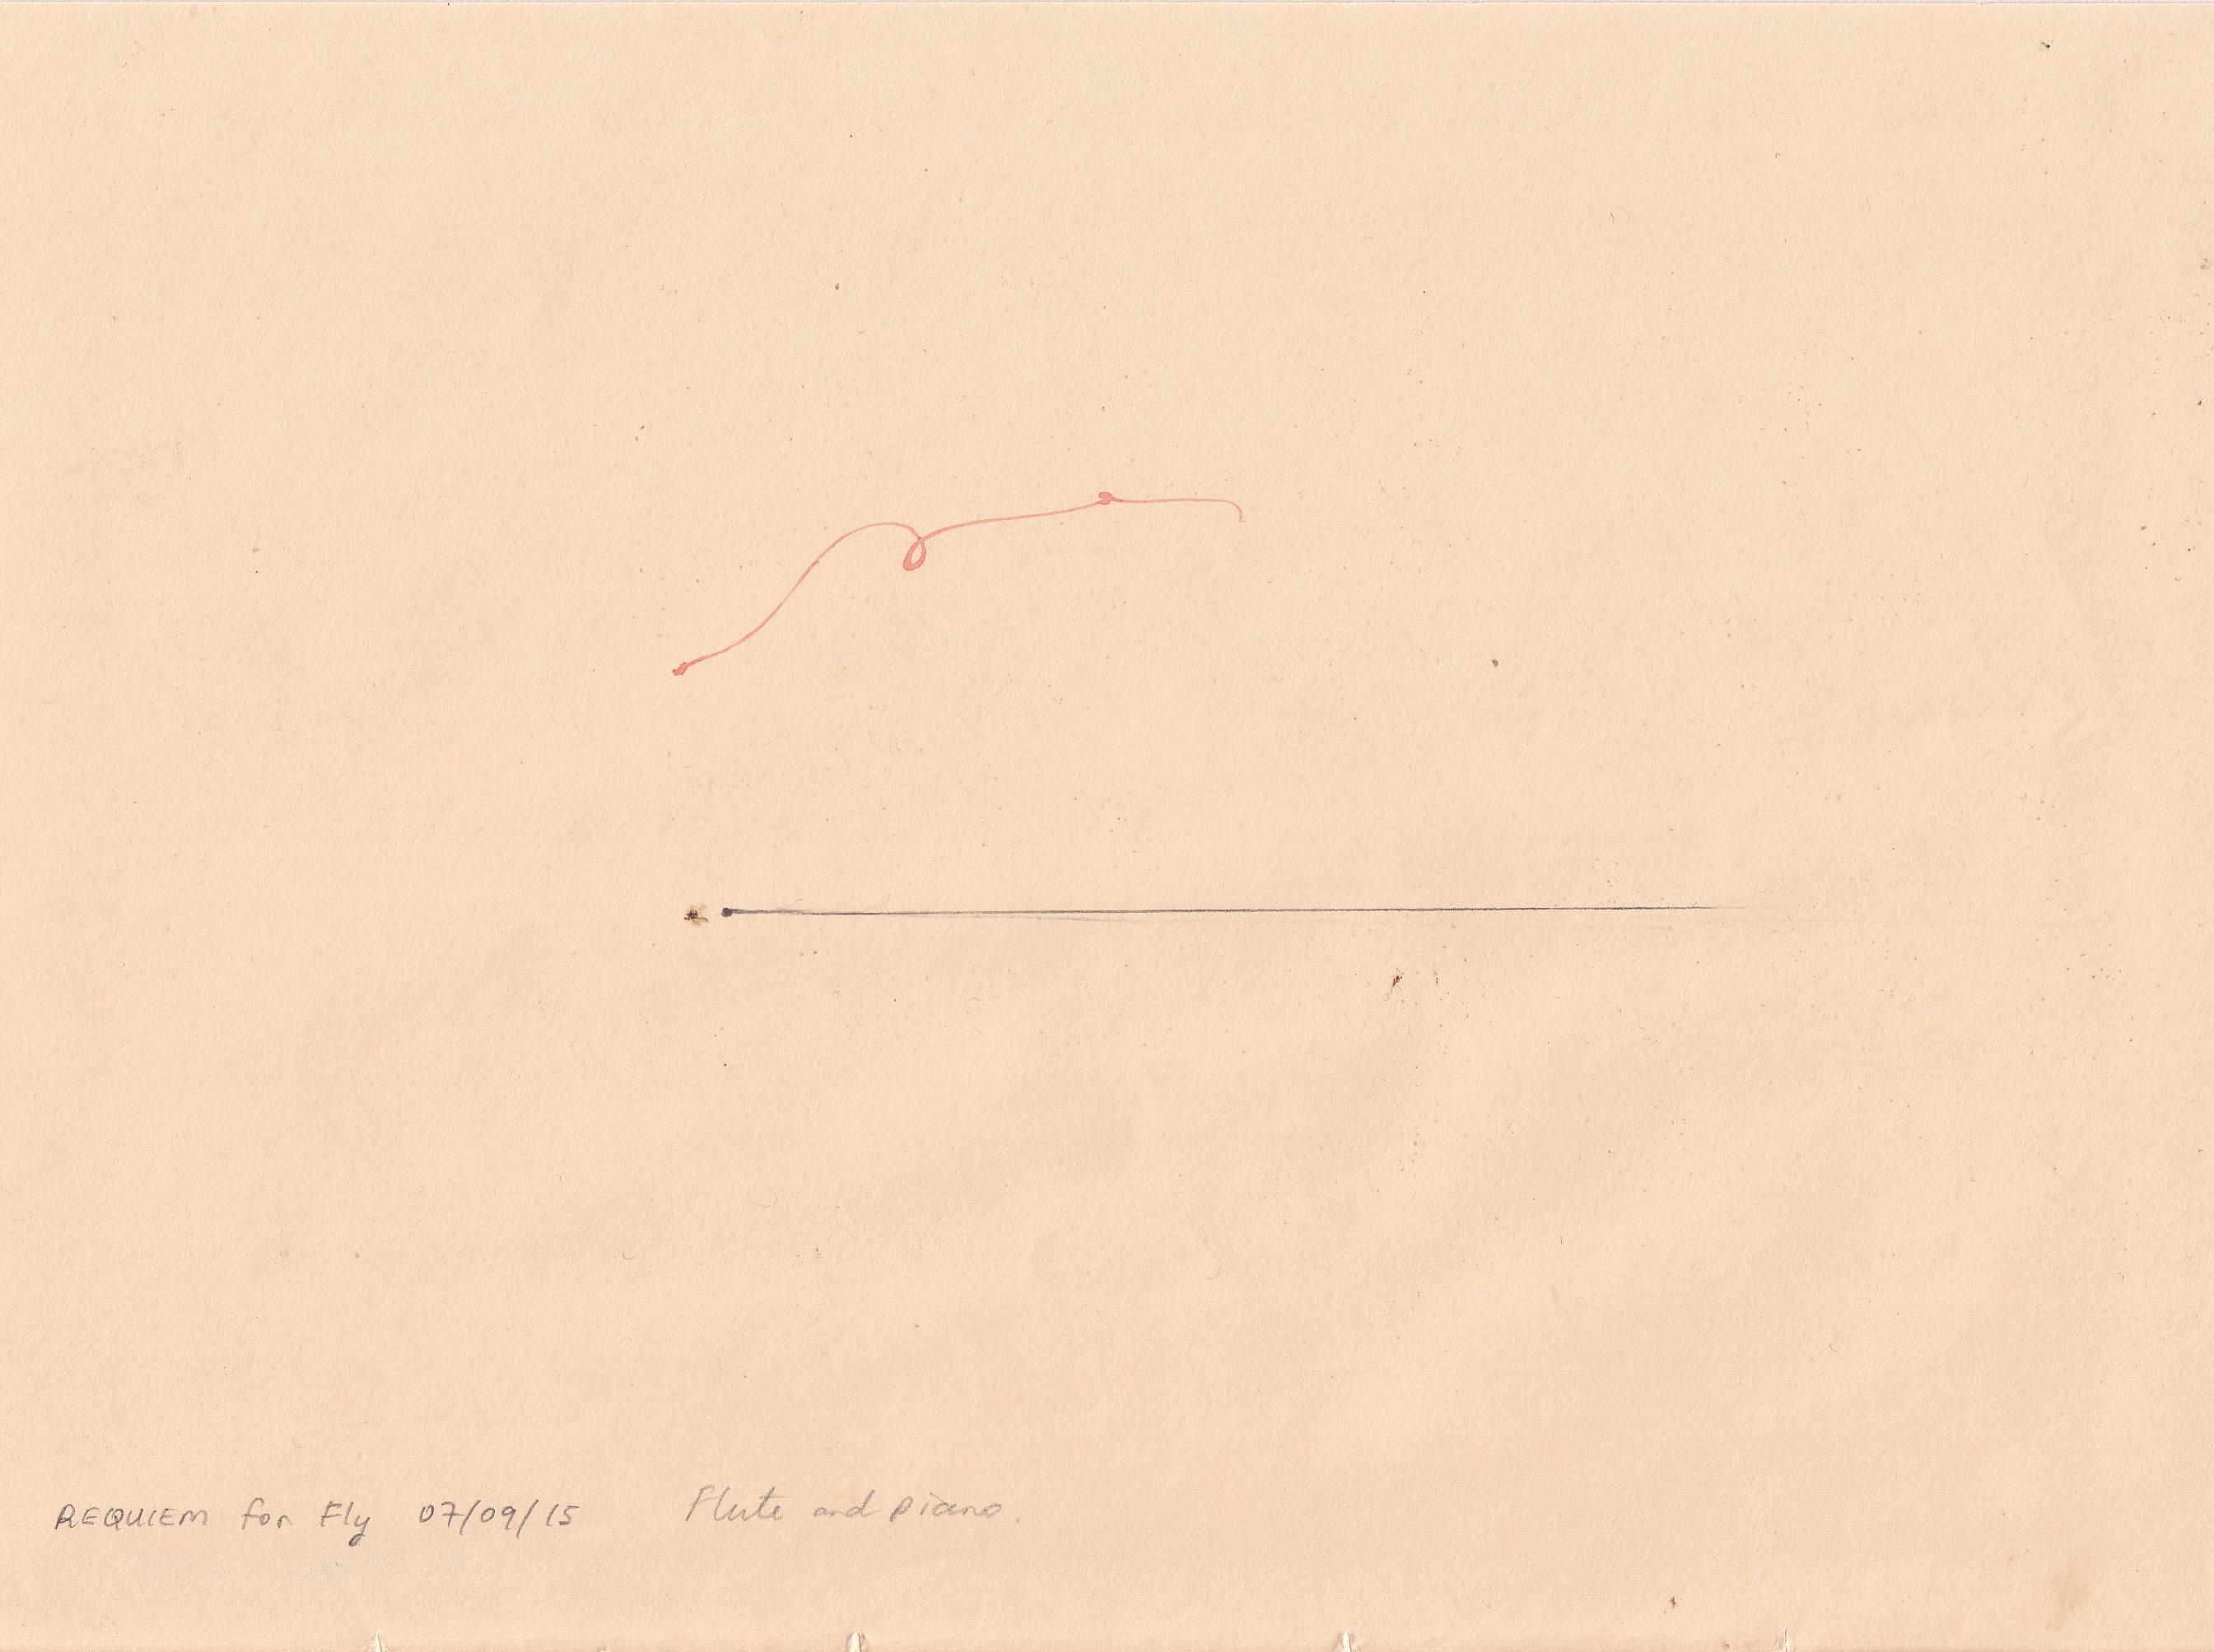 Nicola Durvasula, Bez tytułu (requiem dla muchy), akwarela, ołówek i mucha na papierze, 22.9 x 17 cm, 2015, dzięki uprzejmości artystki